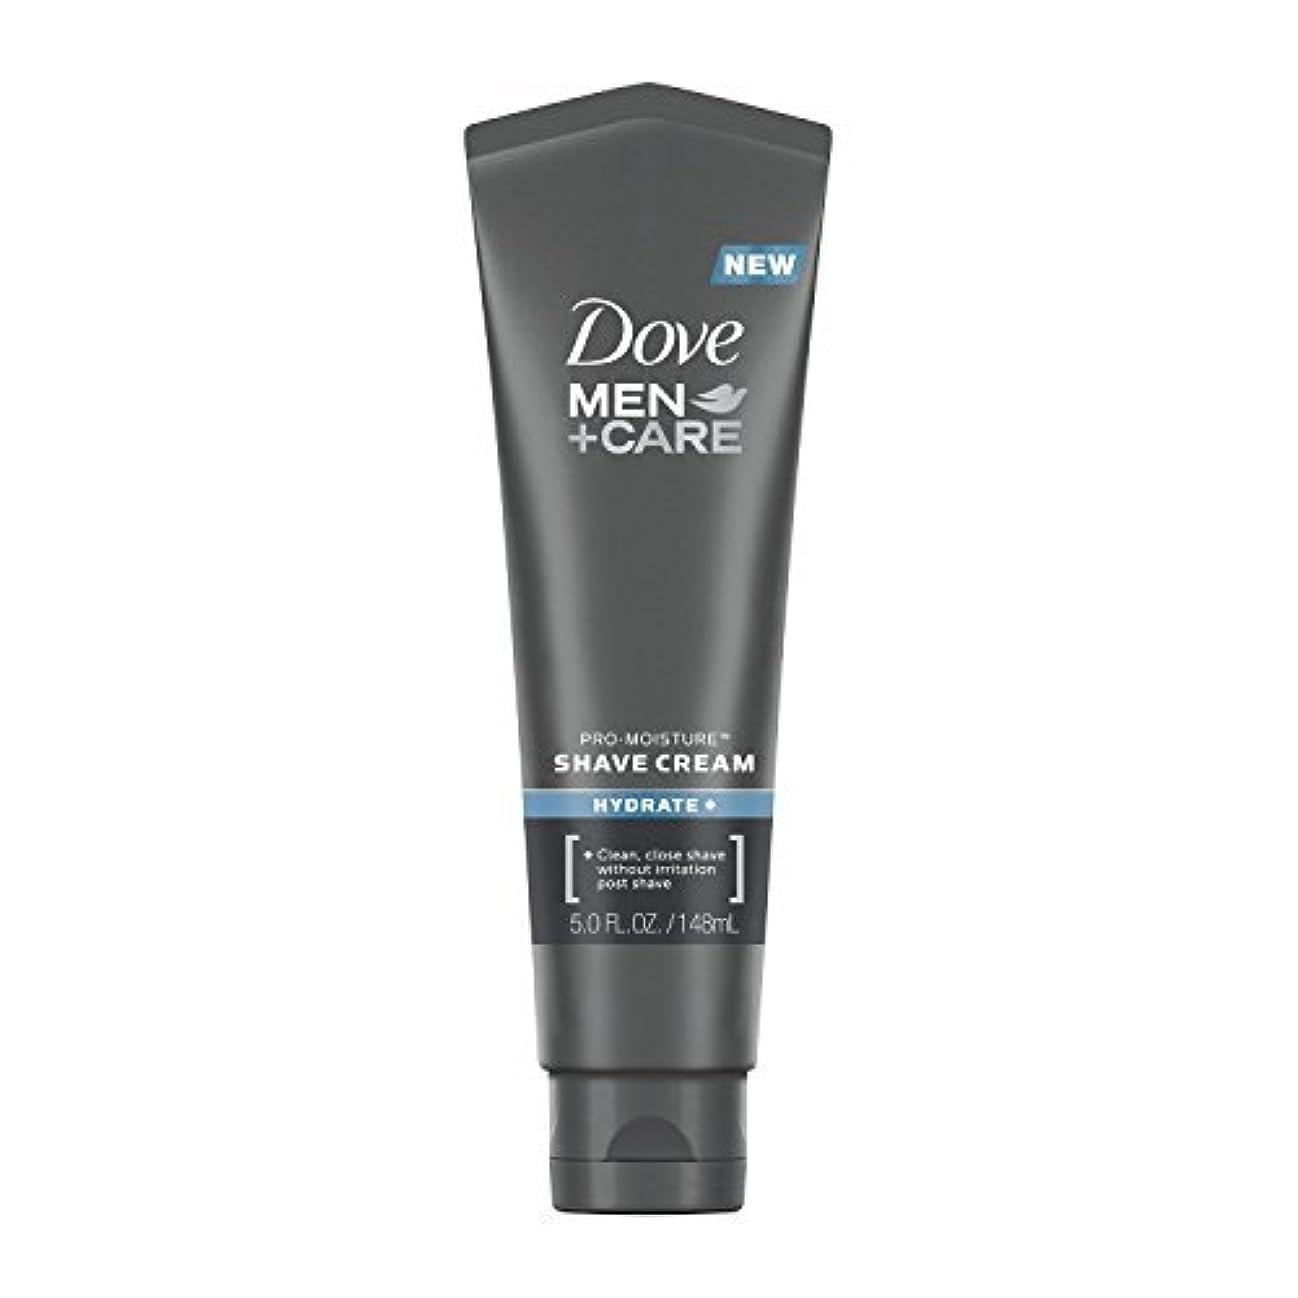 藤色マインドクルーズDove Men +Care Shave Cream Hydrate+ Pro Moisture - 5 oz [並行輸入品]